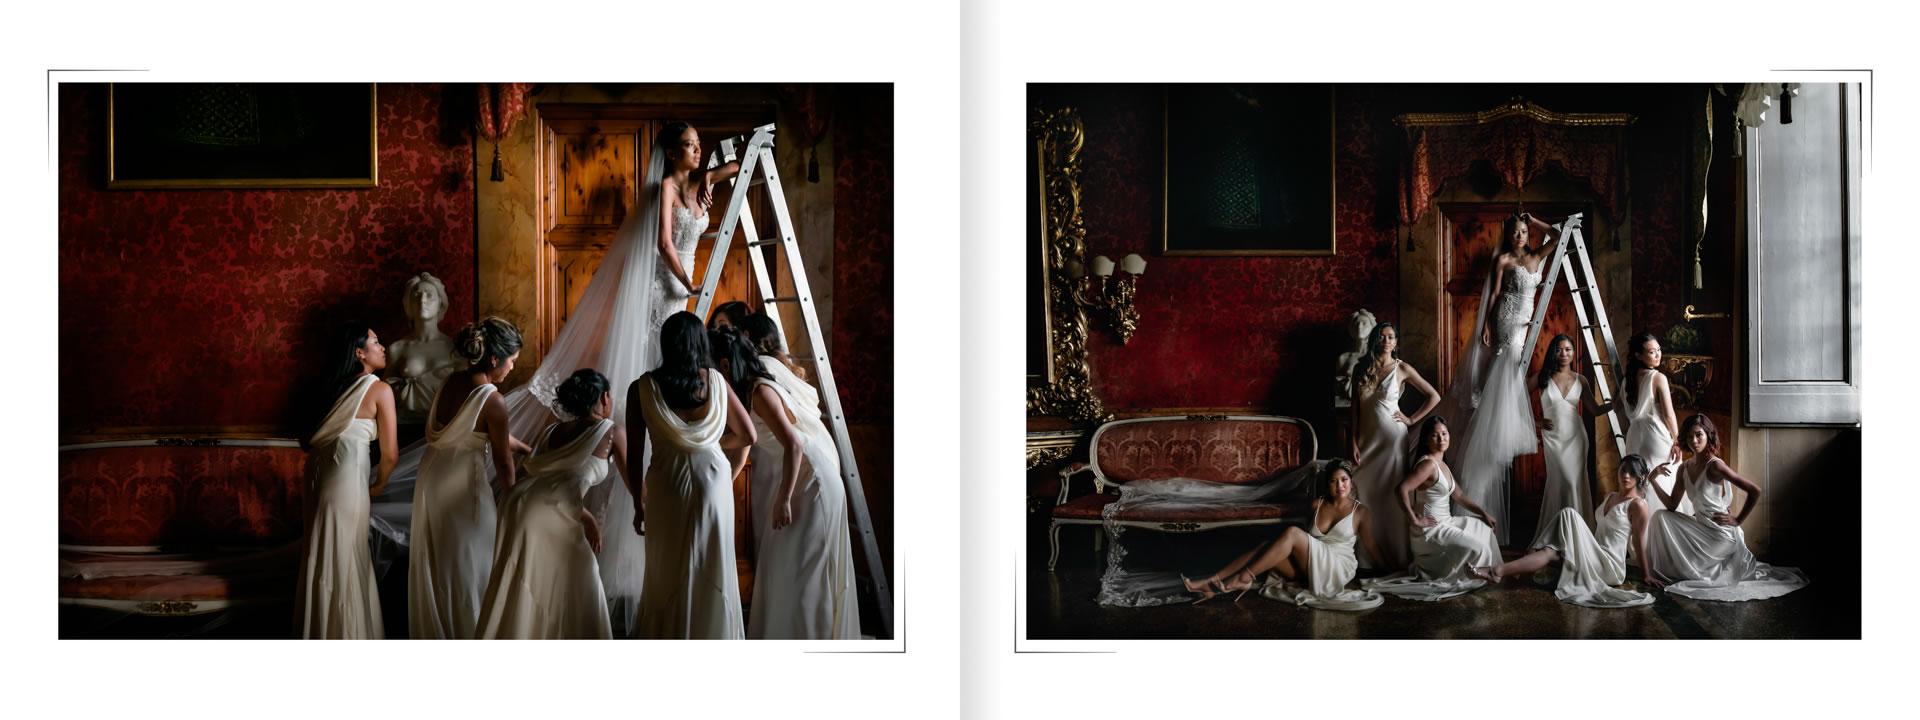 villa-di-maiano-david-bastianoni-photographer-00028 - 28 :: Wedding at Villa di Maiano :: Luxury wedding photography - 27 :: villa-di-maiano-david-bastianoni-photographer-00028 - 28